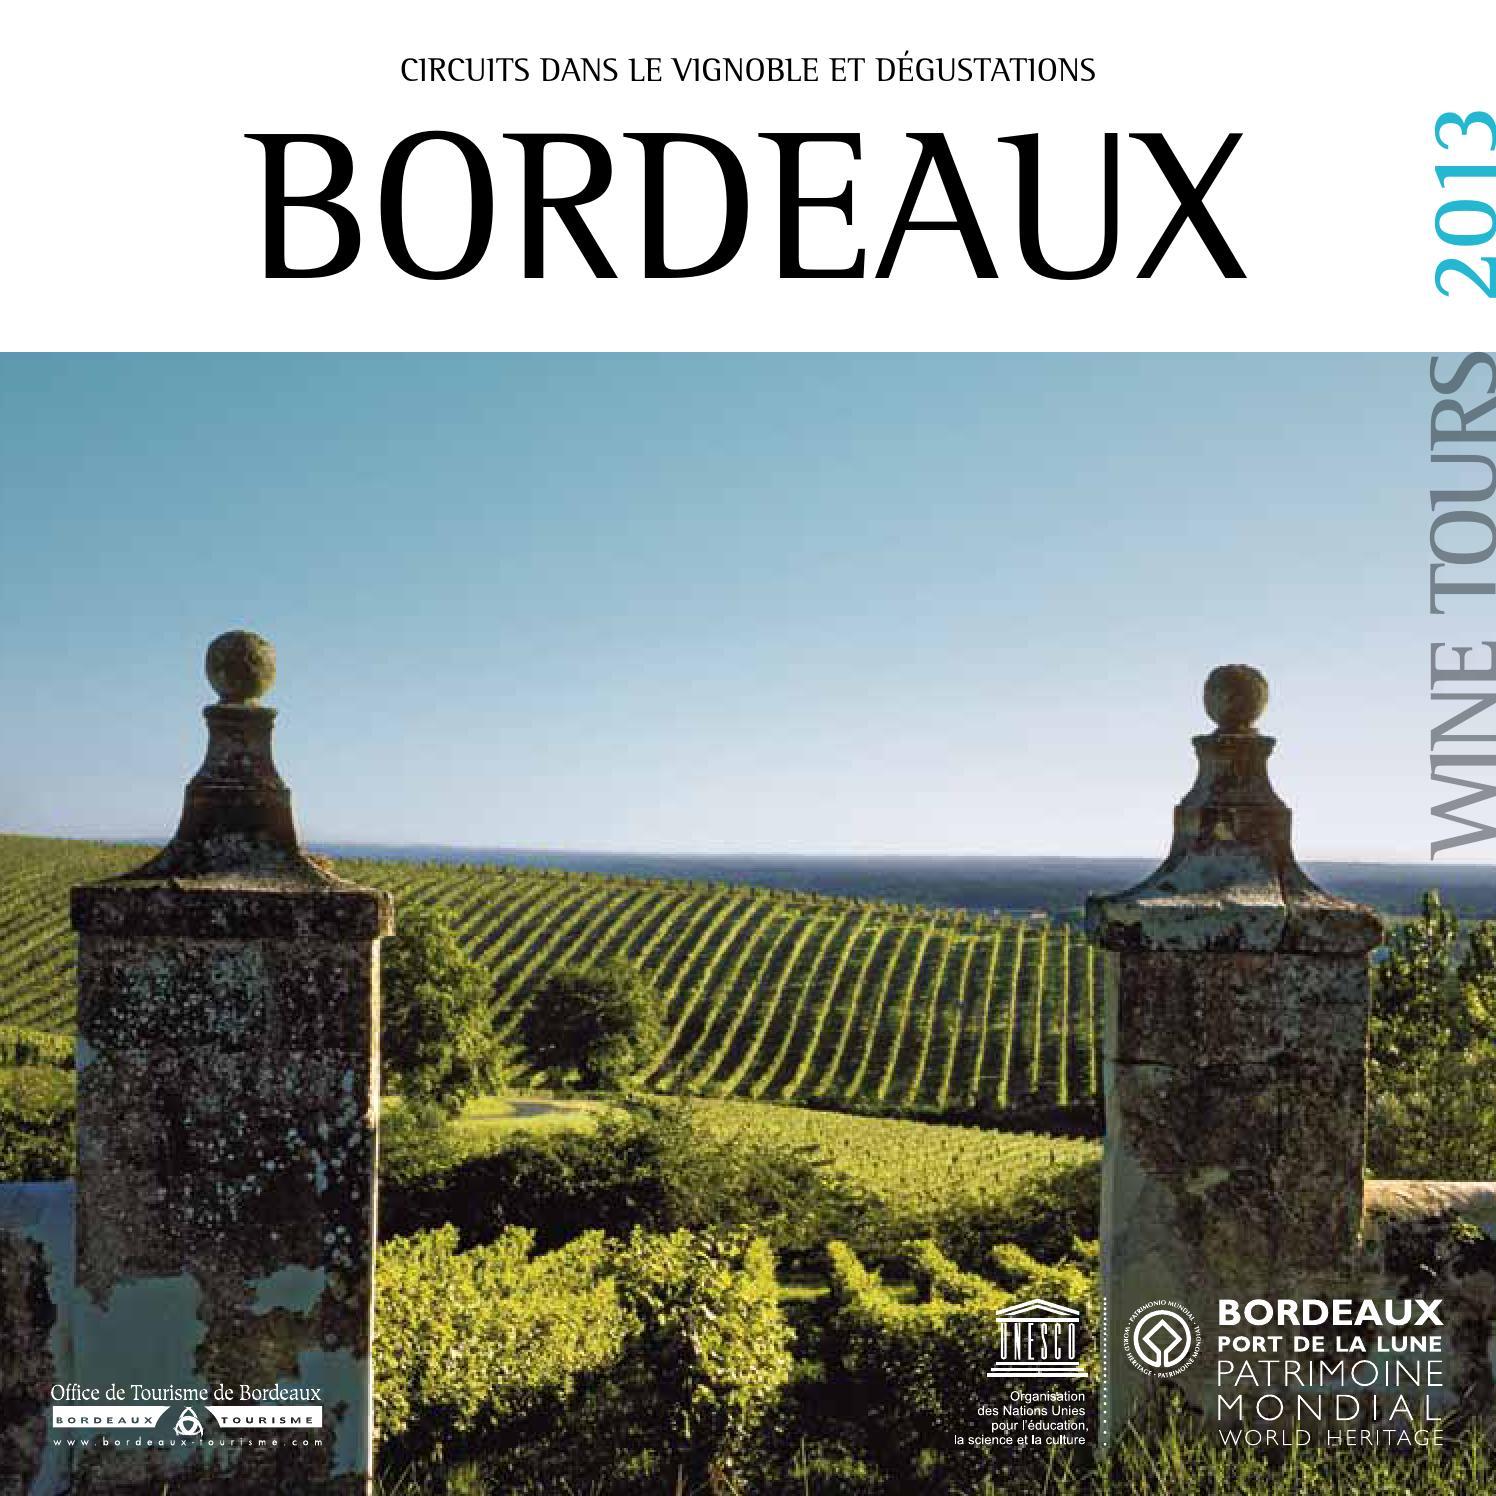 Bordeau porte du vignoble by office de tourisme de - Office du tourisme bordeaux recrutement ...